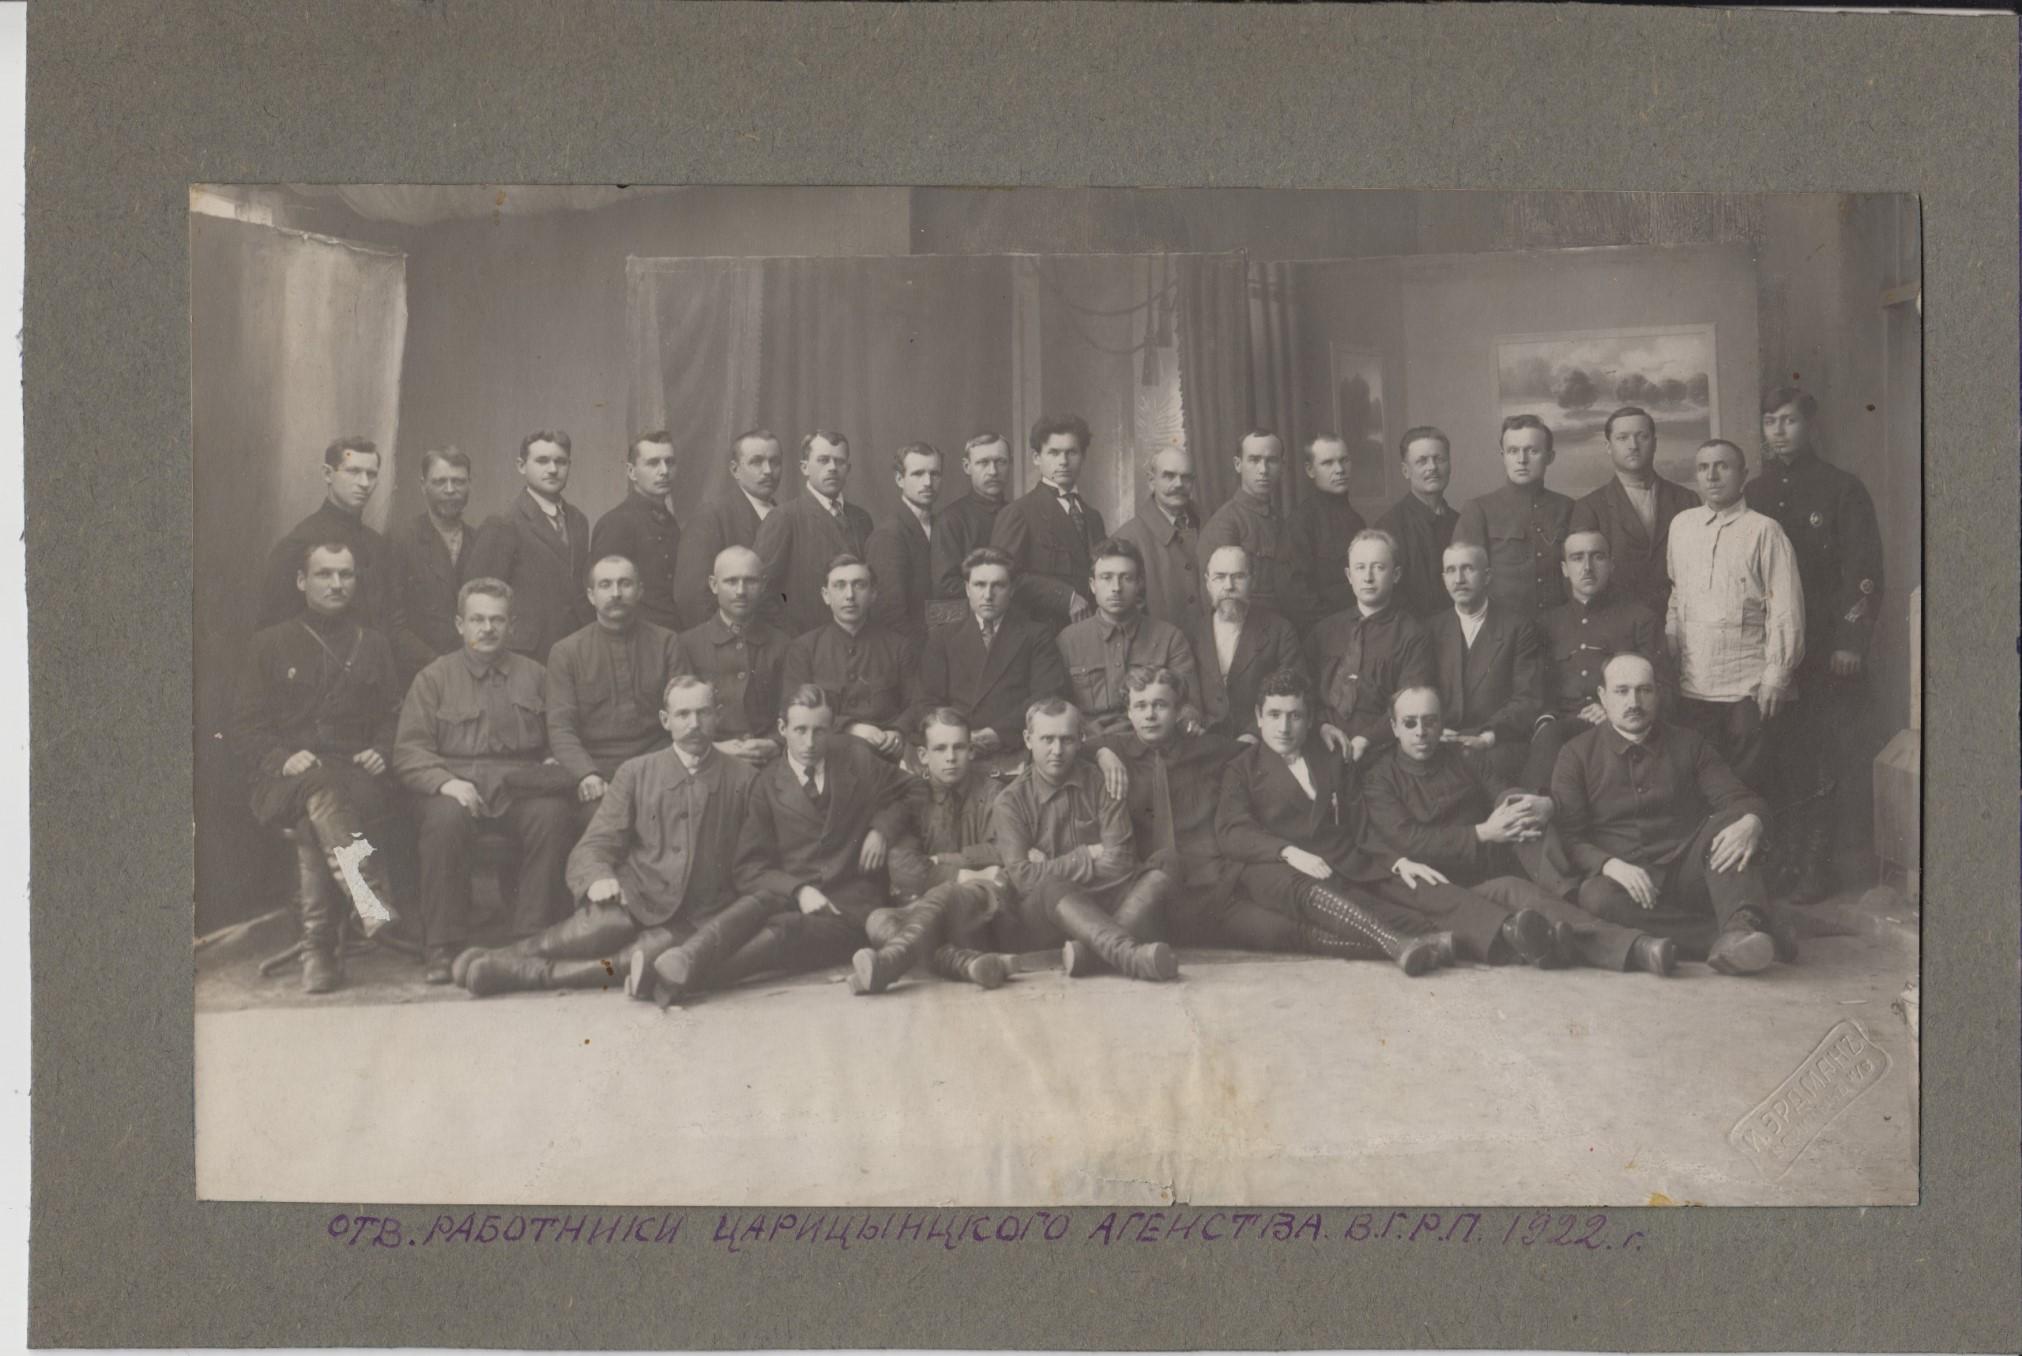 1922. Ответственные работники царицынского ВГРП